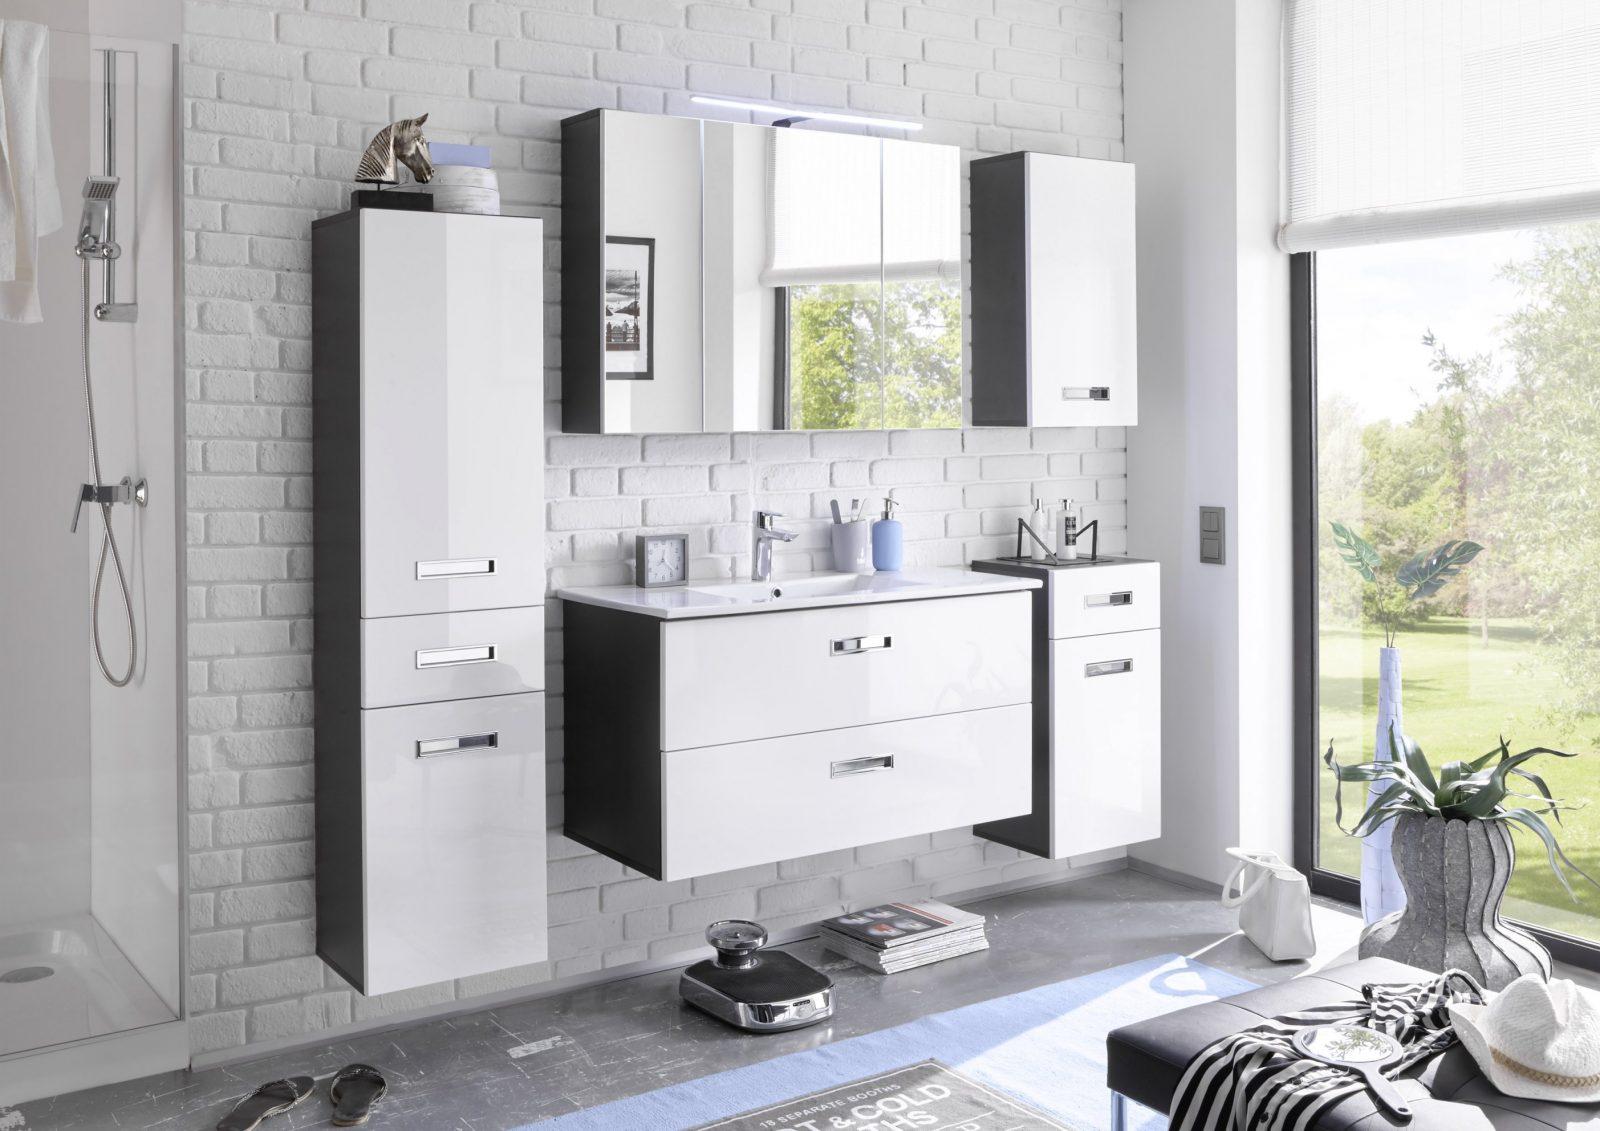 Badezimmer Set Manhattan 5 Tlg Badezimmer Badmöbel Badezimmermöbel von Badezimmer Komplett Günstig Kaufen Bild